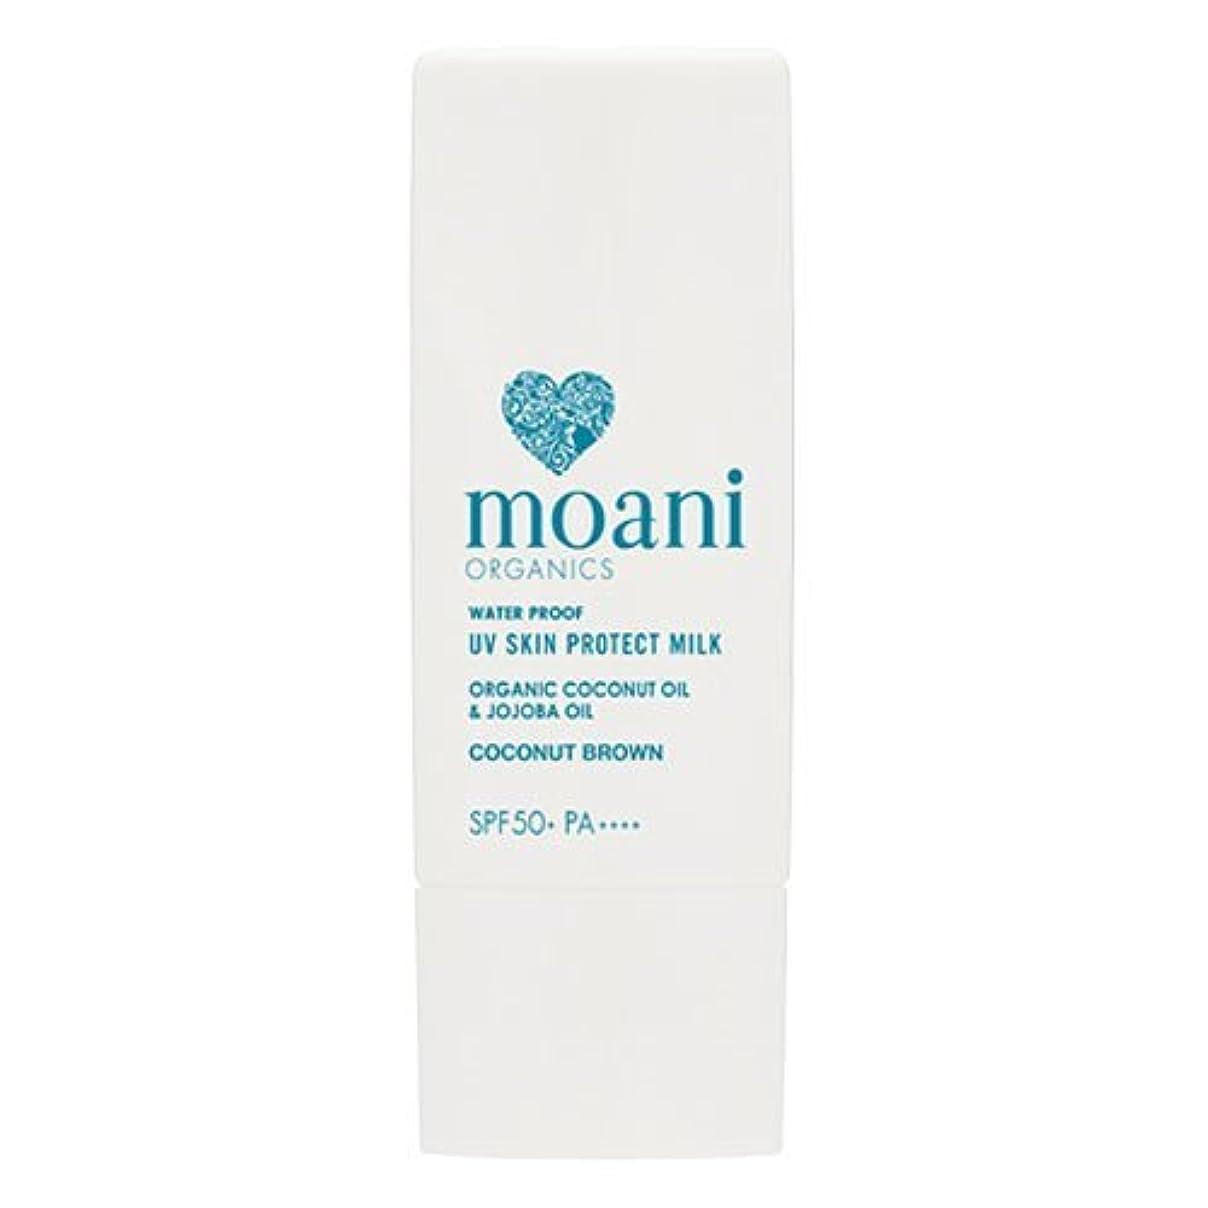 完璧な文化外国人moani organics UV SKIN PROTECT MILK coconut brown(顔用日焼け止め)